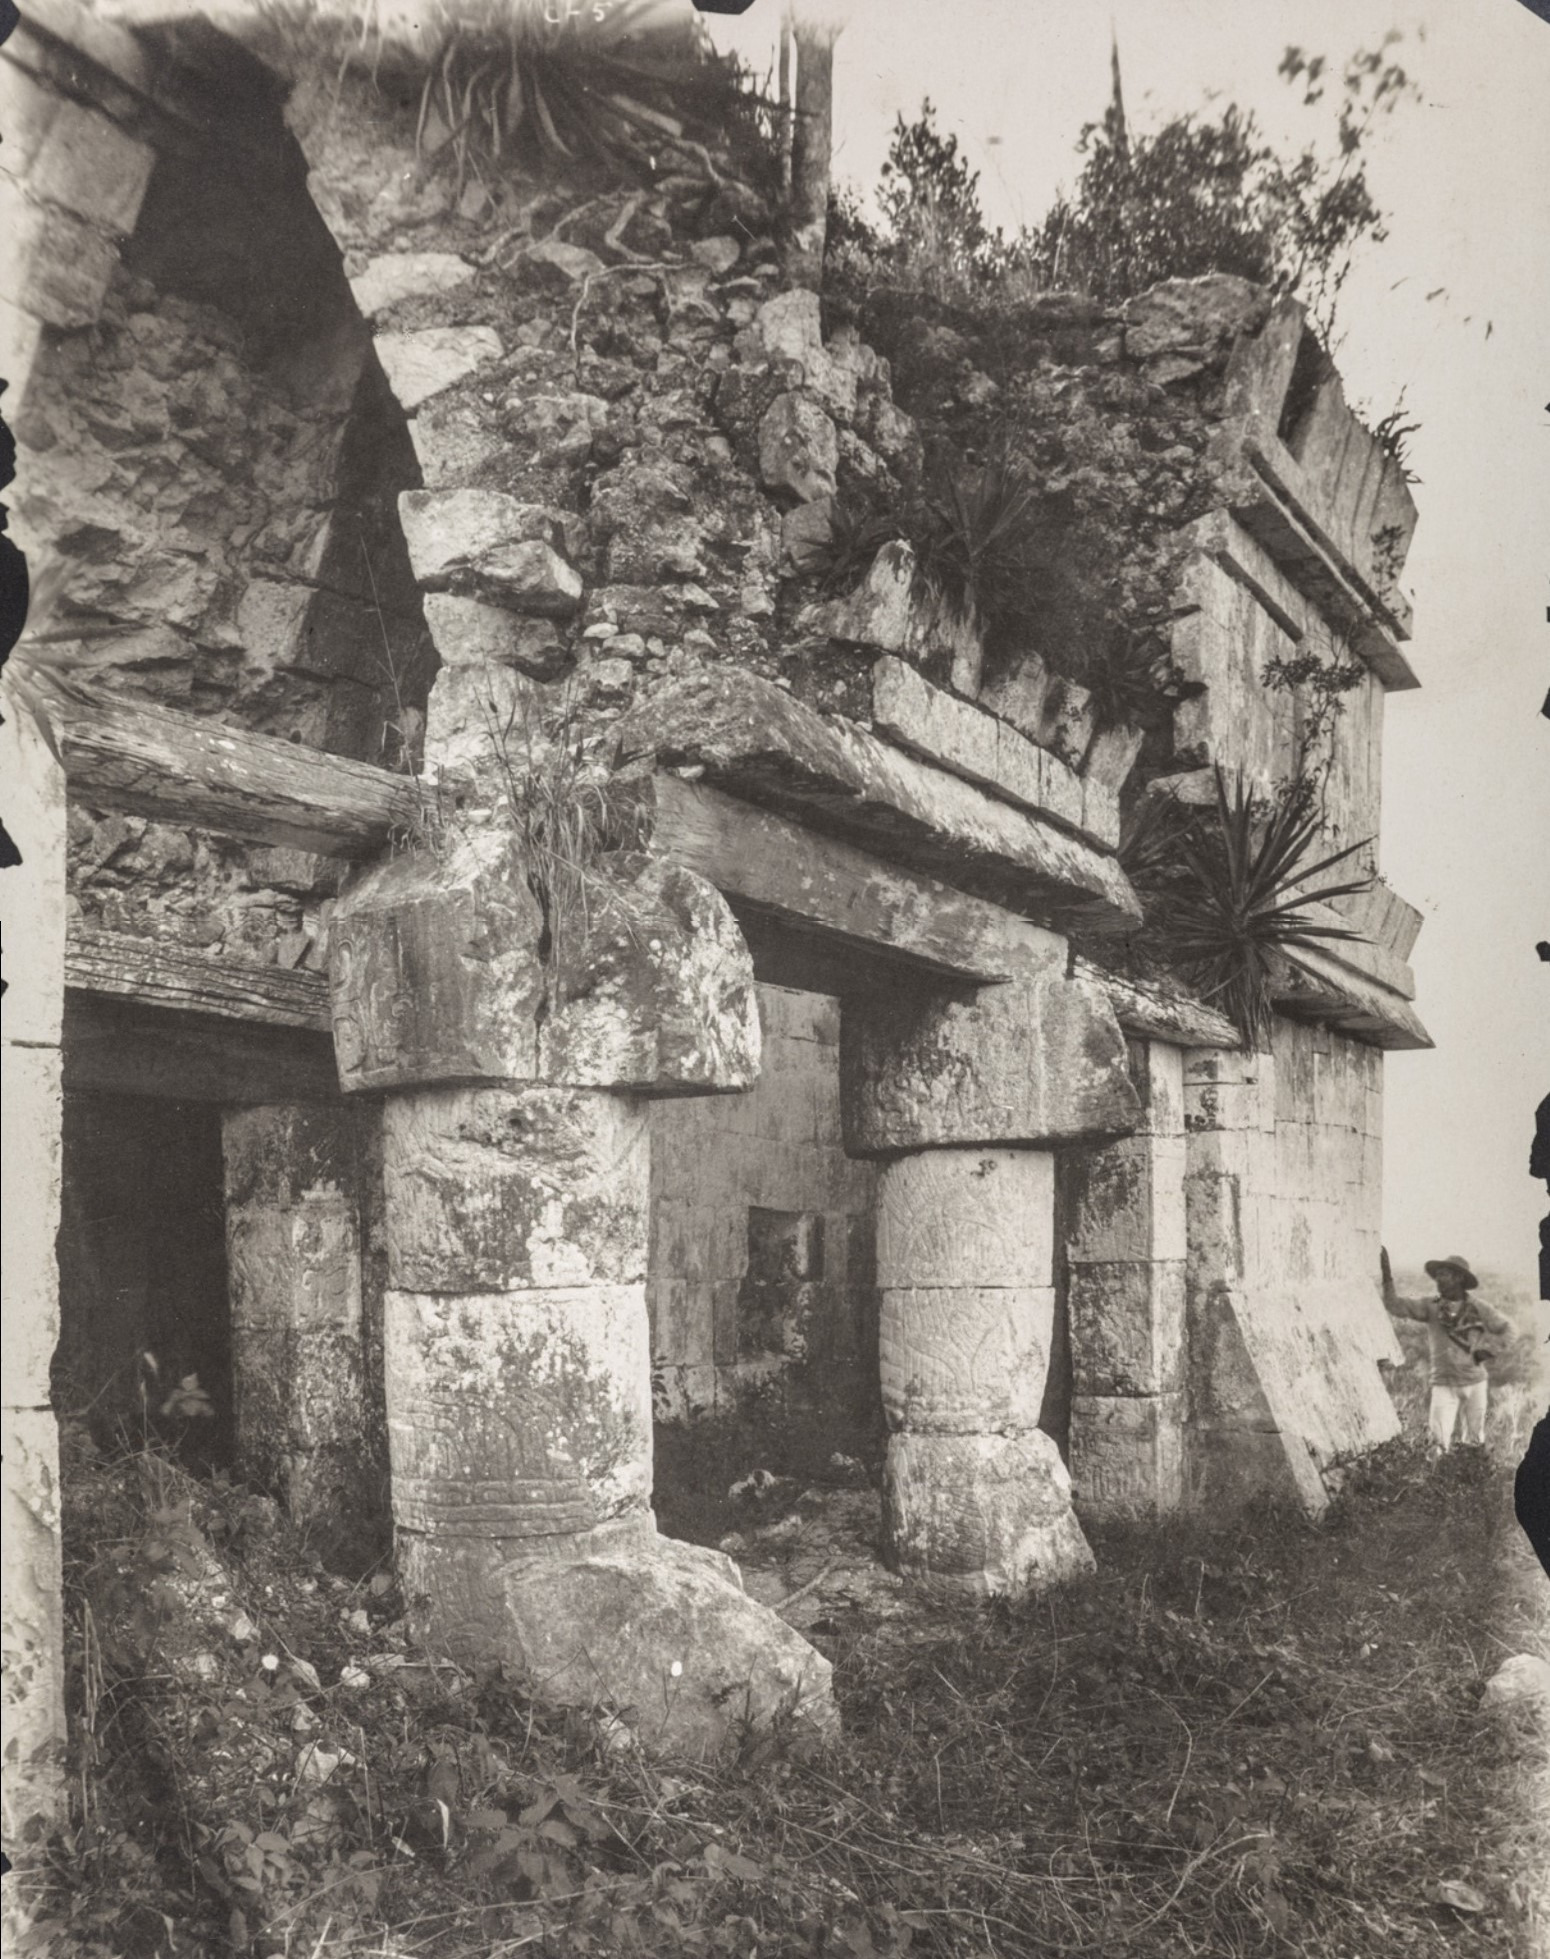 Чичен-Ица. Пирамида Кукулькан. Змеиный столб на северной стороне пирамиды